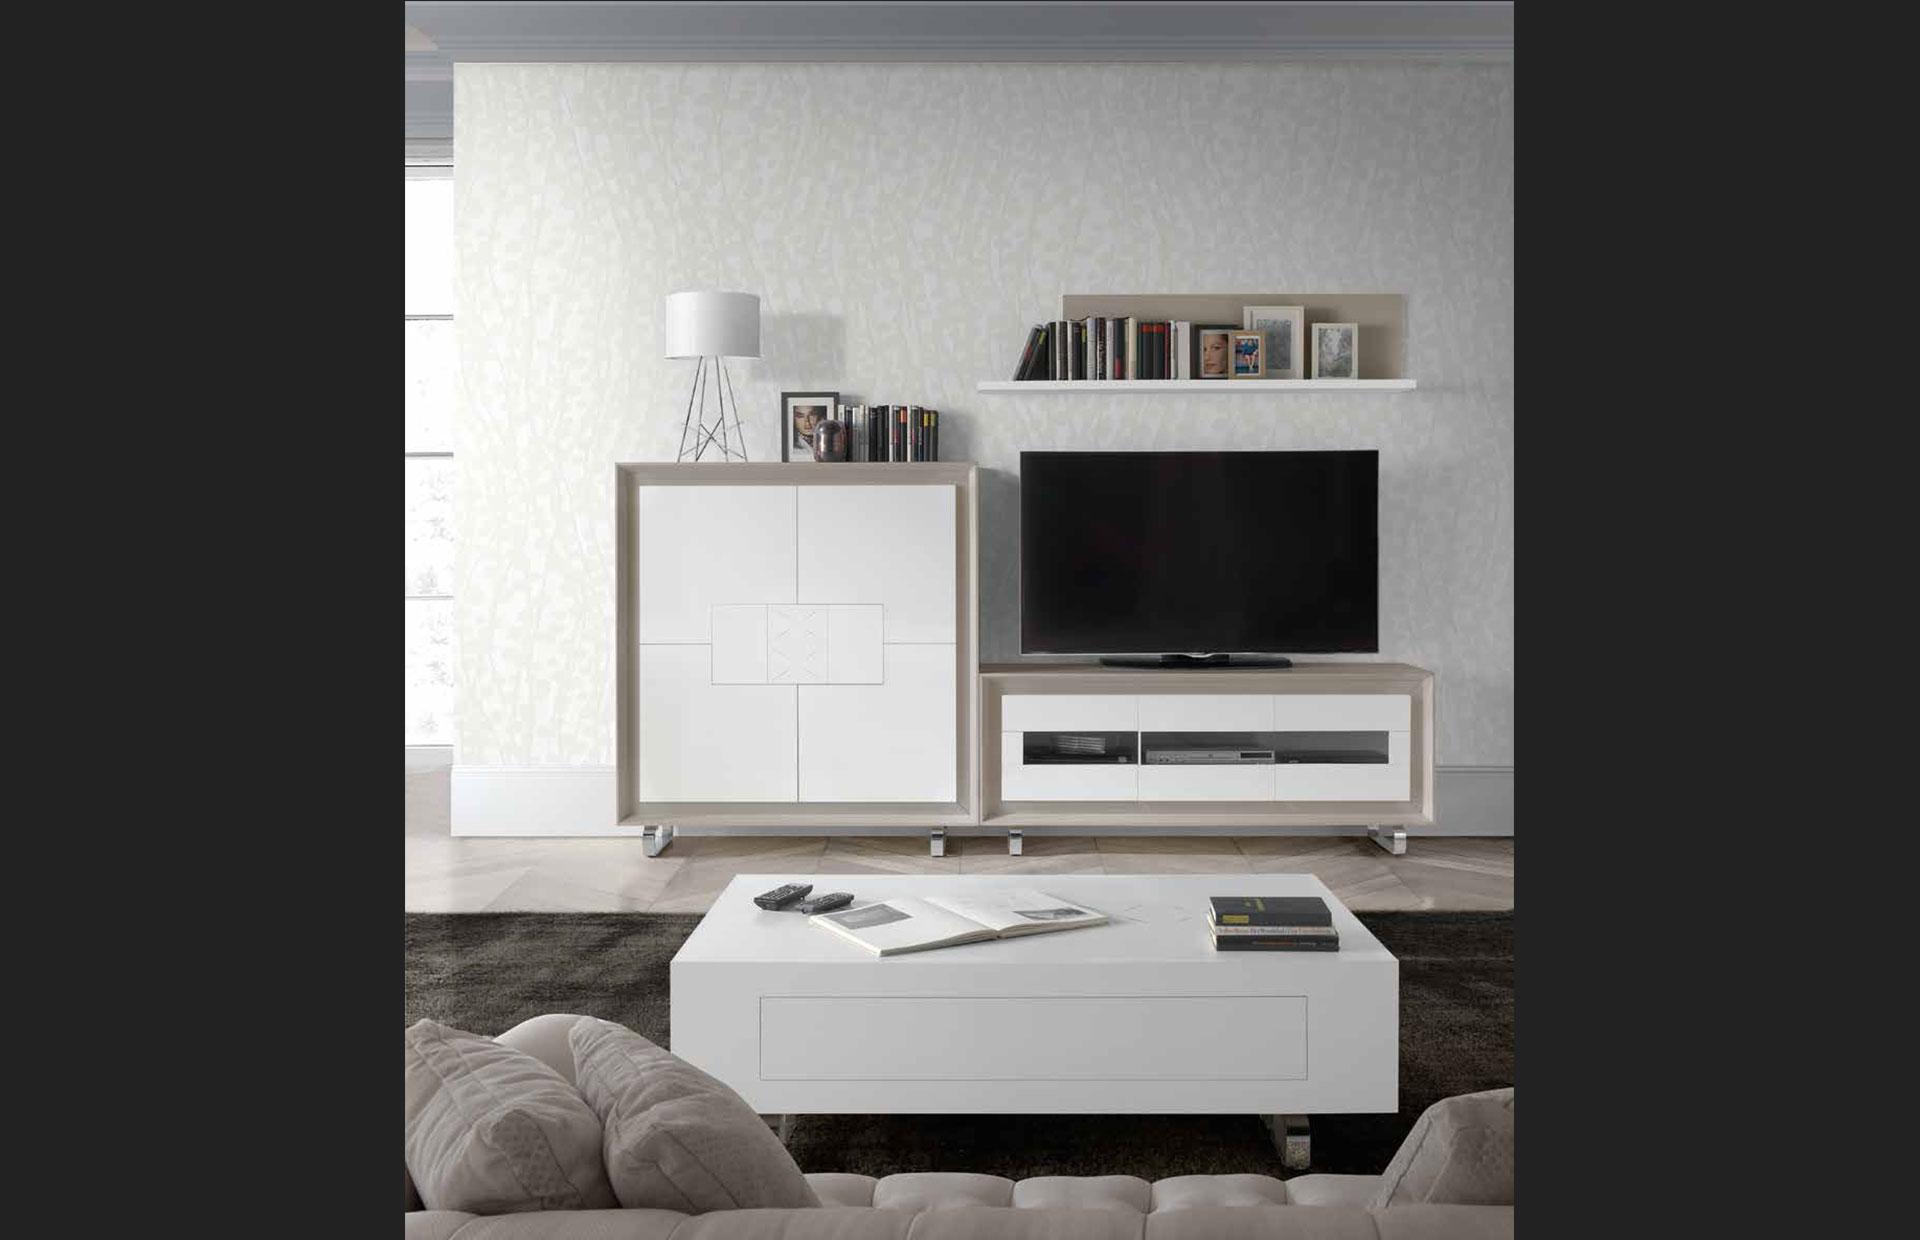 mueble contemporaneo comedor